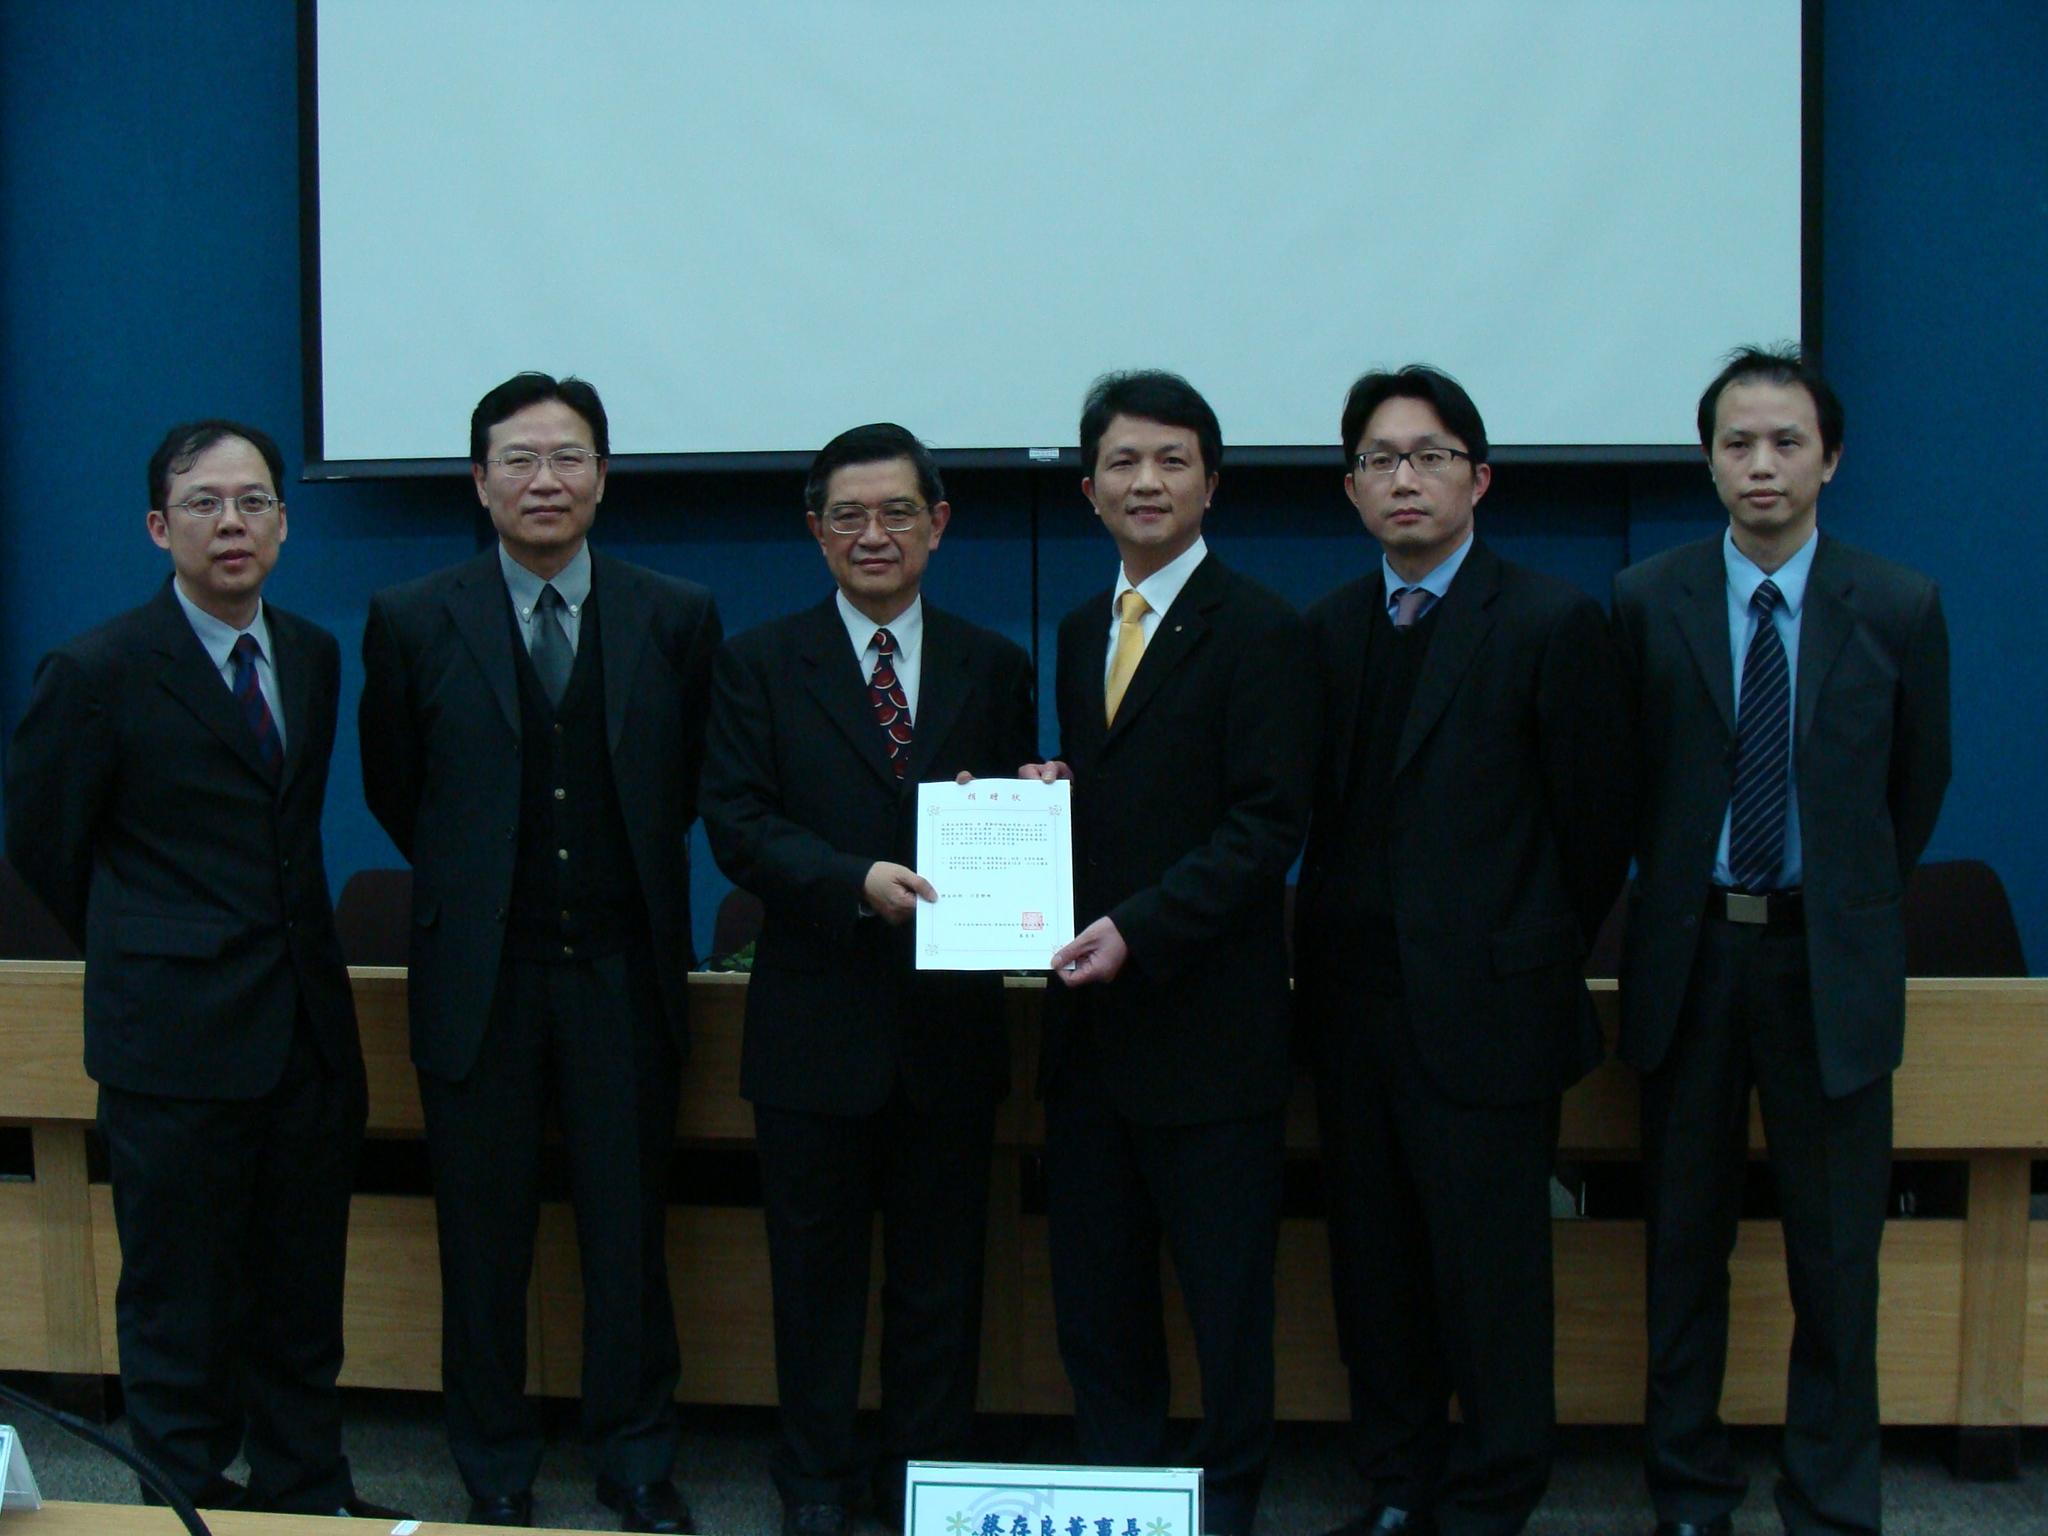 中原大學財金系獲贈百萬軟體 強化「金融數位學習e化教學中心」